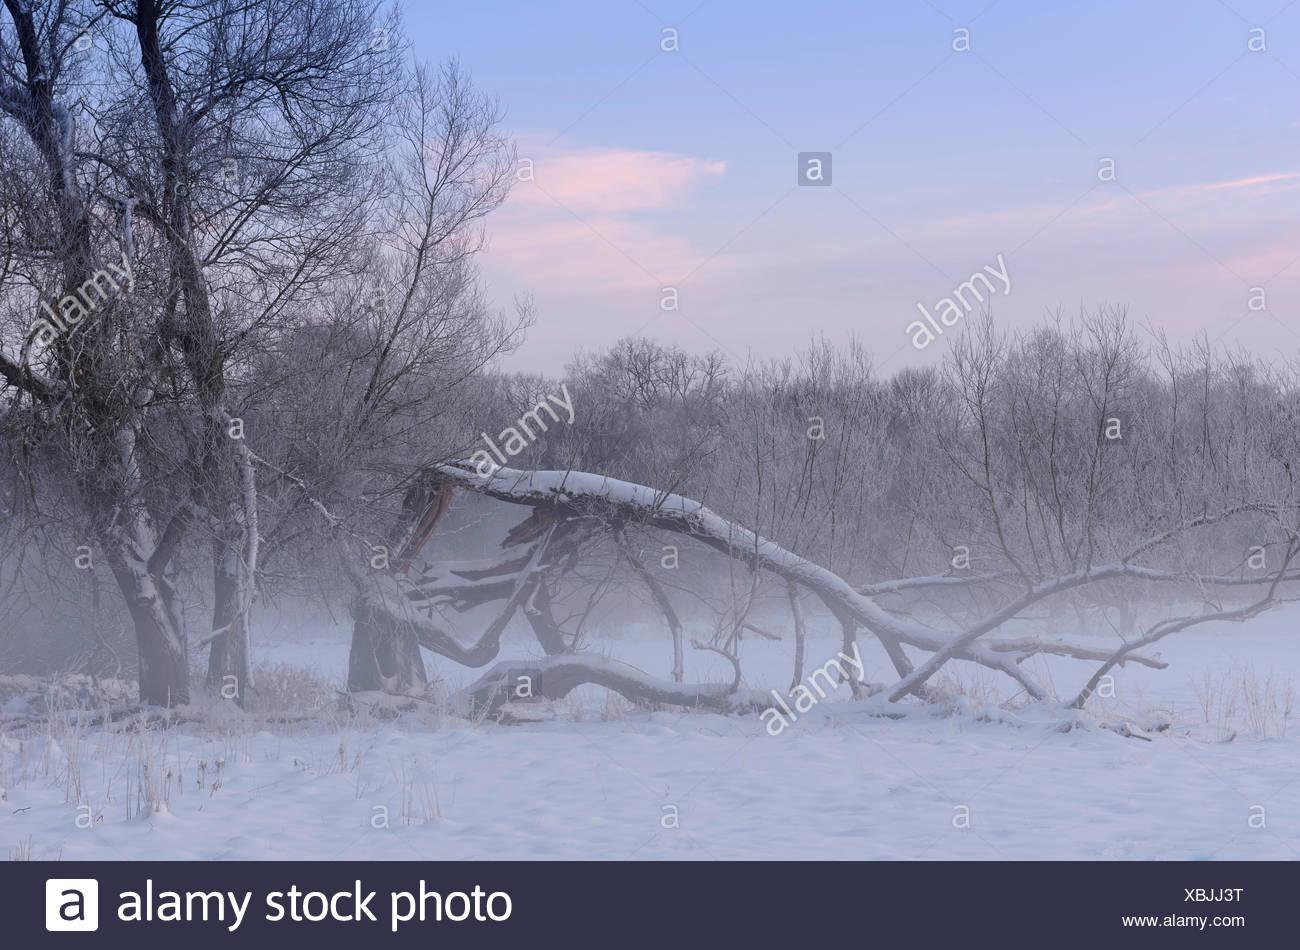 Deutschland, Nordrhein-Westfalen, Wahner Heide, Aggeraue, Schneebedeckte Bäume in der Aggeraue Im Morgennebel, Stockbild